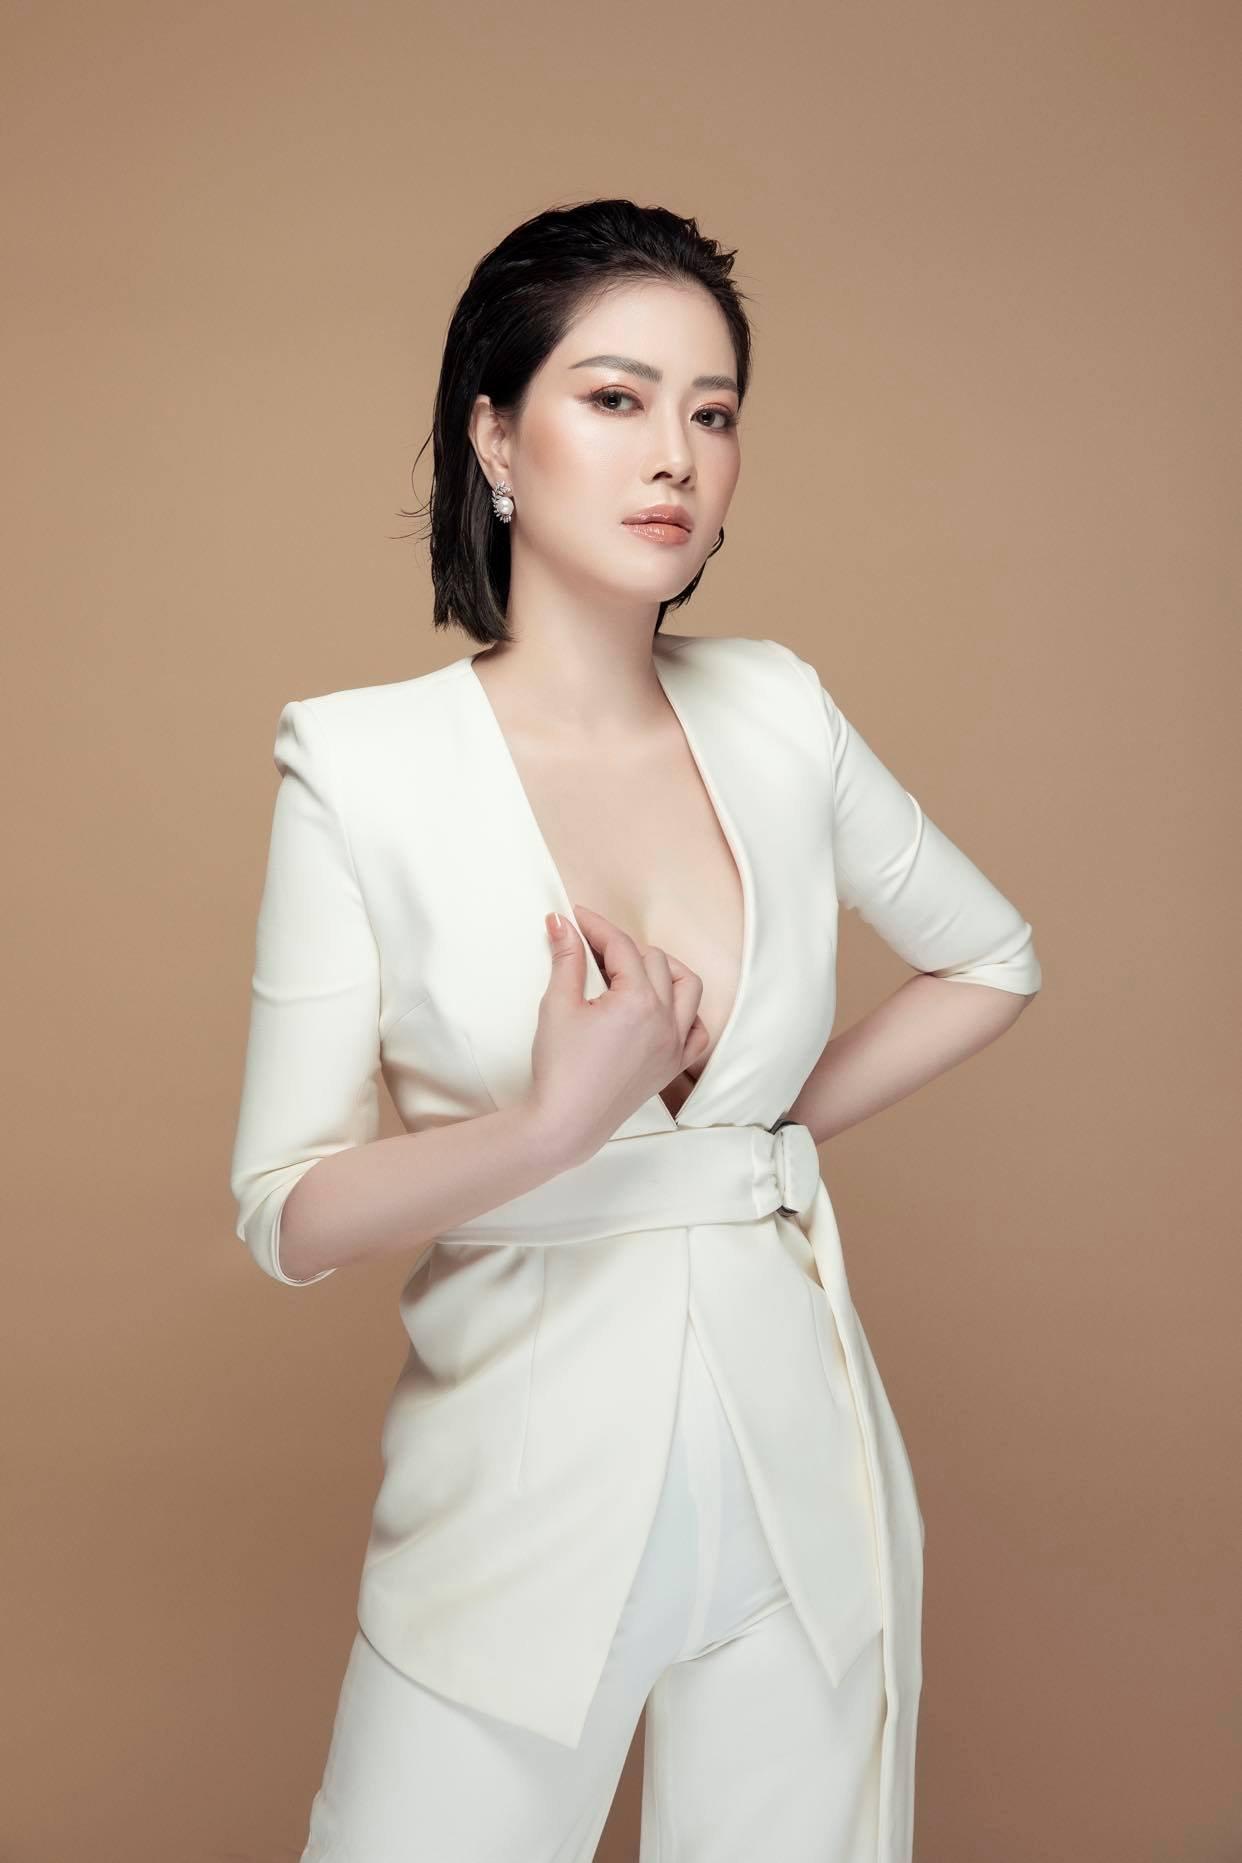 CEO Ngô Thùy Dương – hình mẫu người phụ nữ hiện đại bản lĩnh và thành công - Ảnh 1